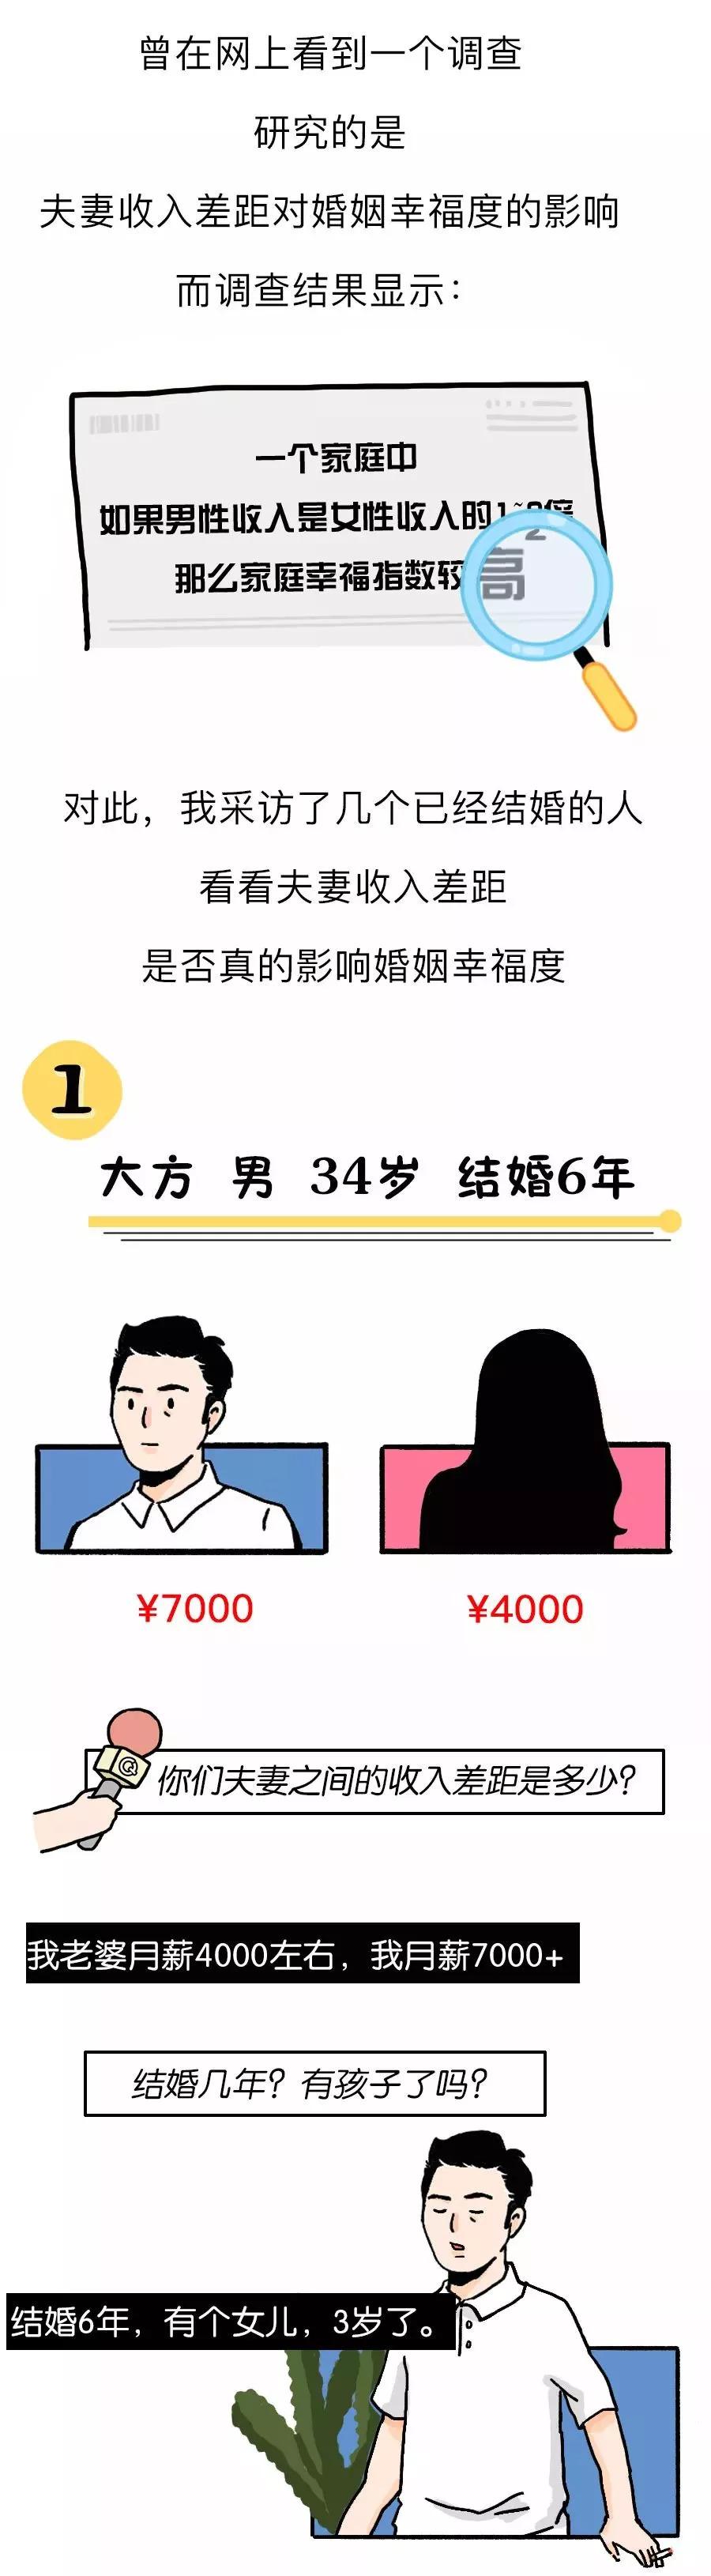 美高梅手机版官方网站 2